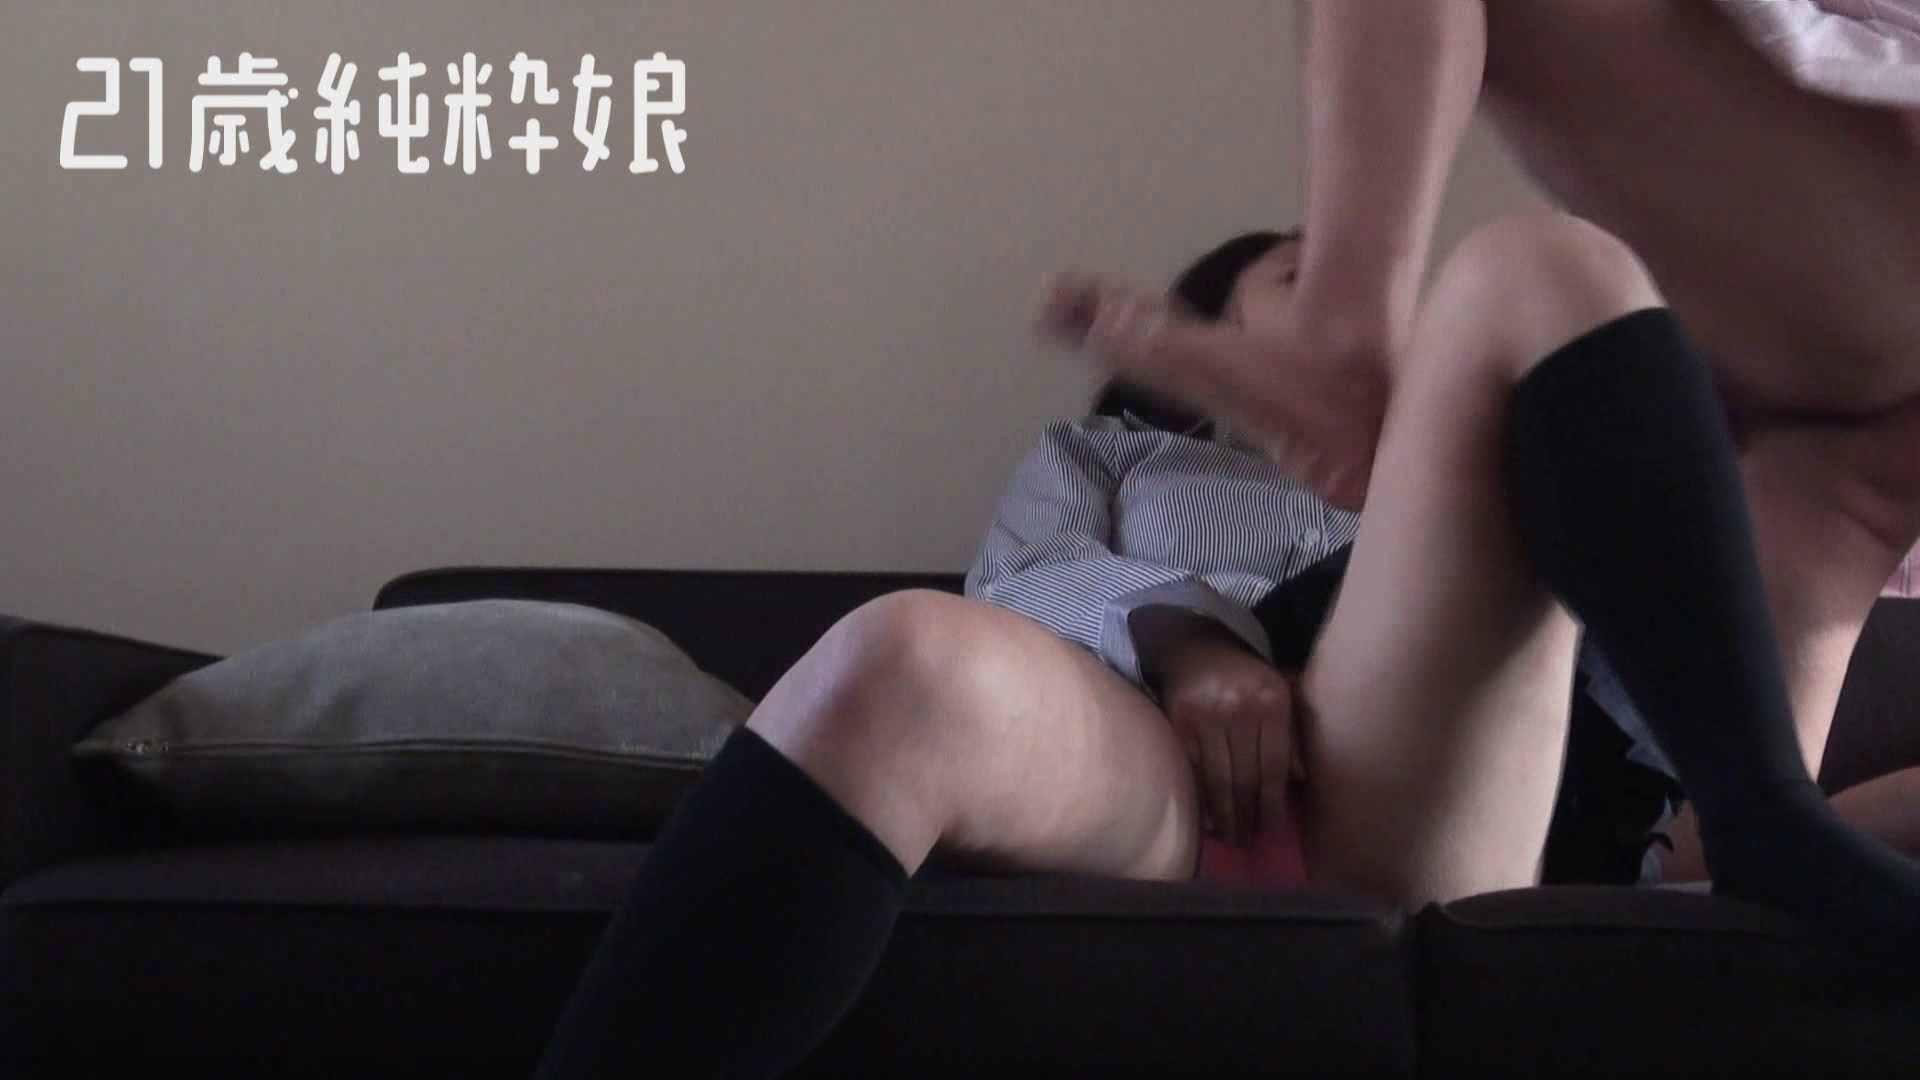 上京したばかりのGカップ21歳純粋嬢を都合の良い女にしてみた3 一般投稿 | オナニー特集  54画像 10